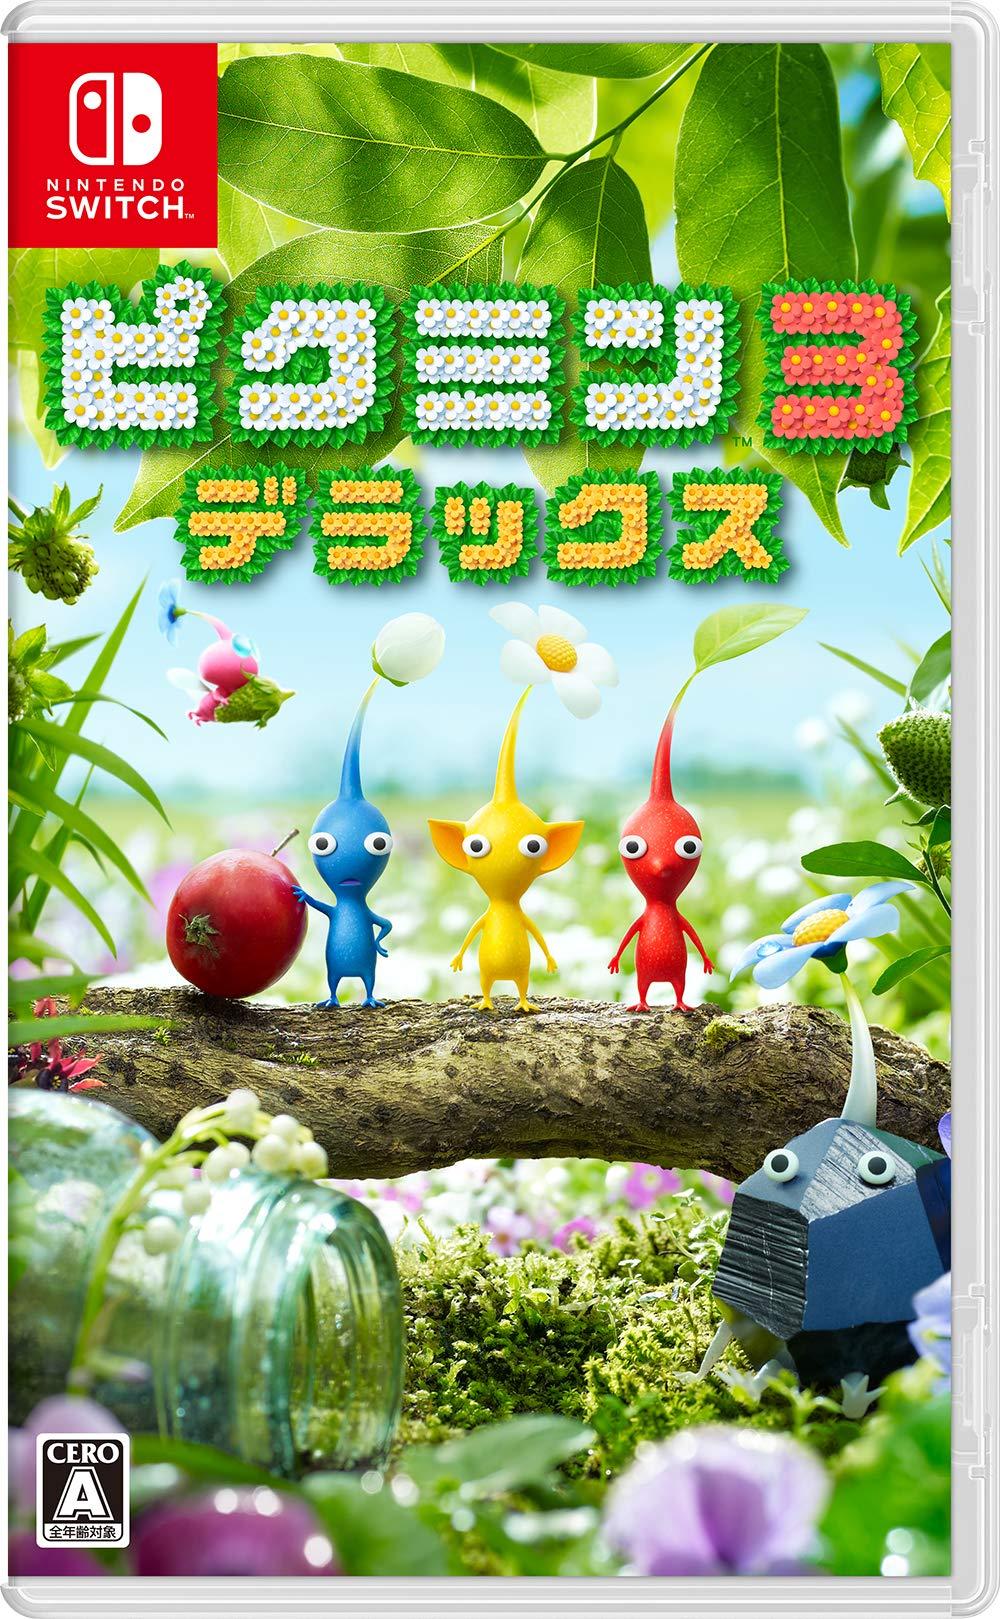 Nintendo Switchソフト『ピクミン3 デラックス』予約受付中!店舗特典 割引情報【10月30日発売!】